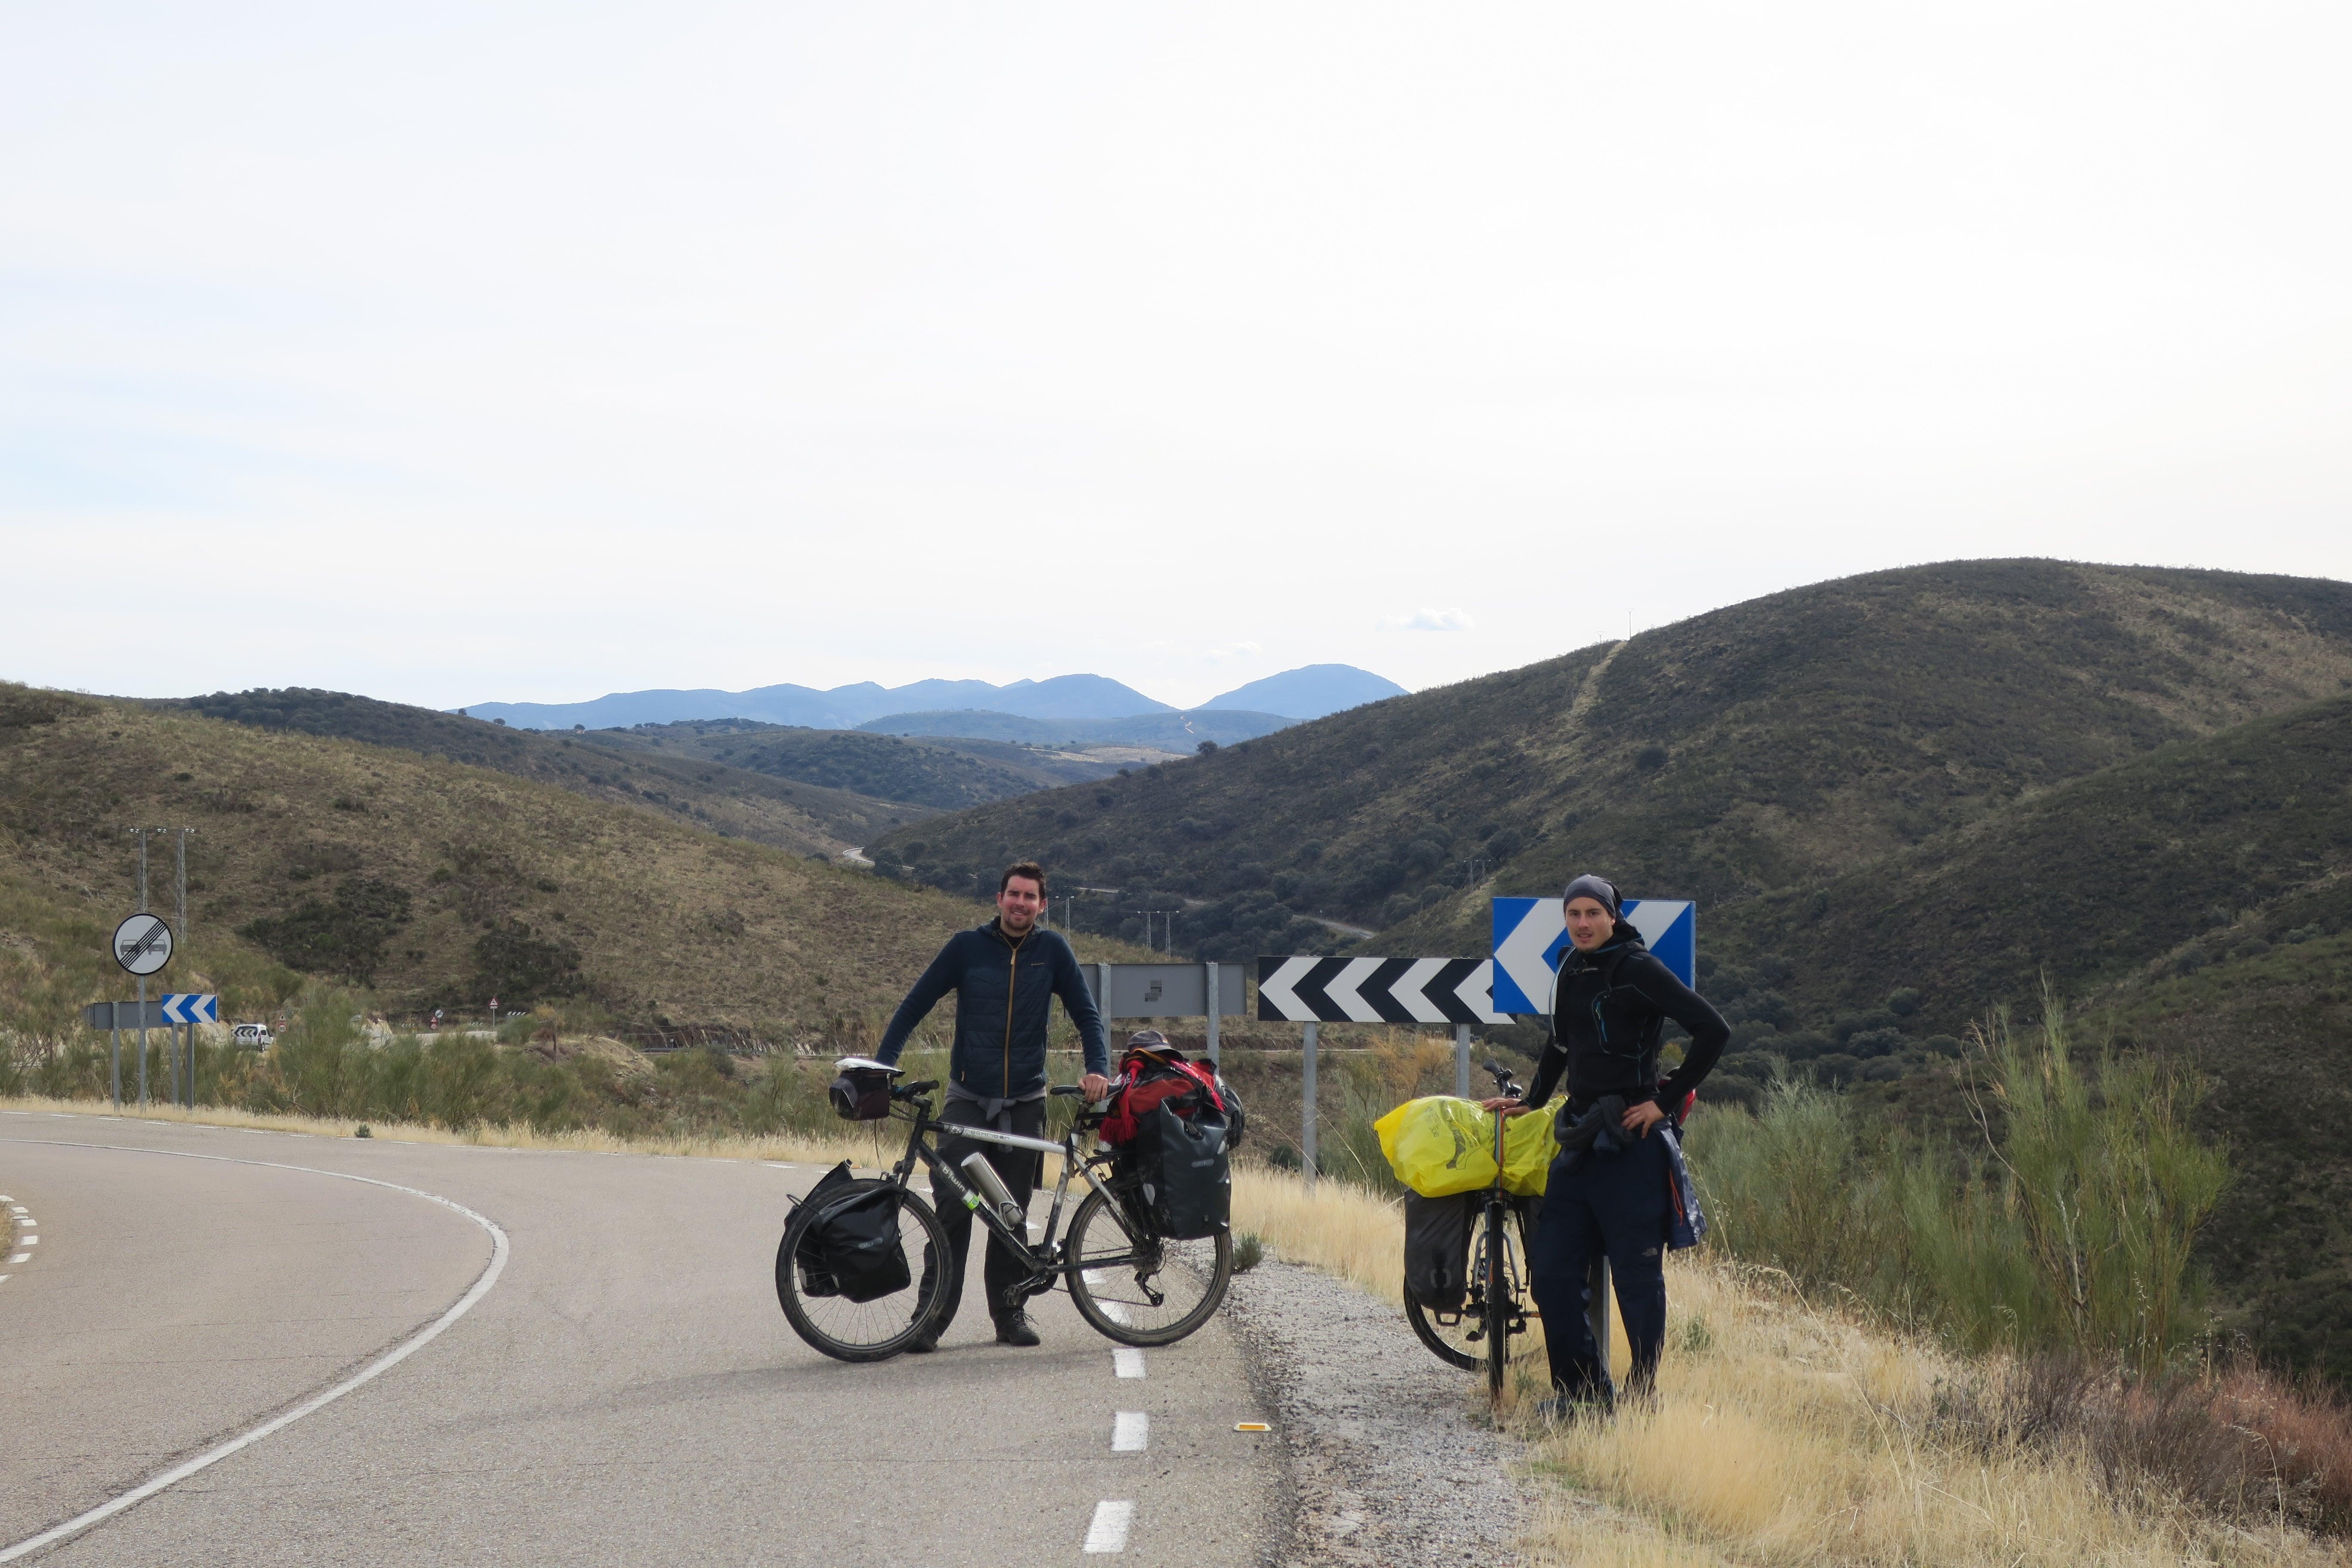 Voyage à vélo en Espagne entre amis